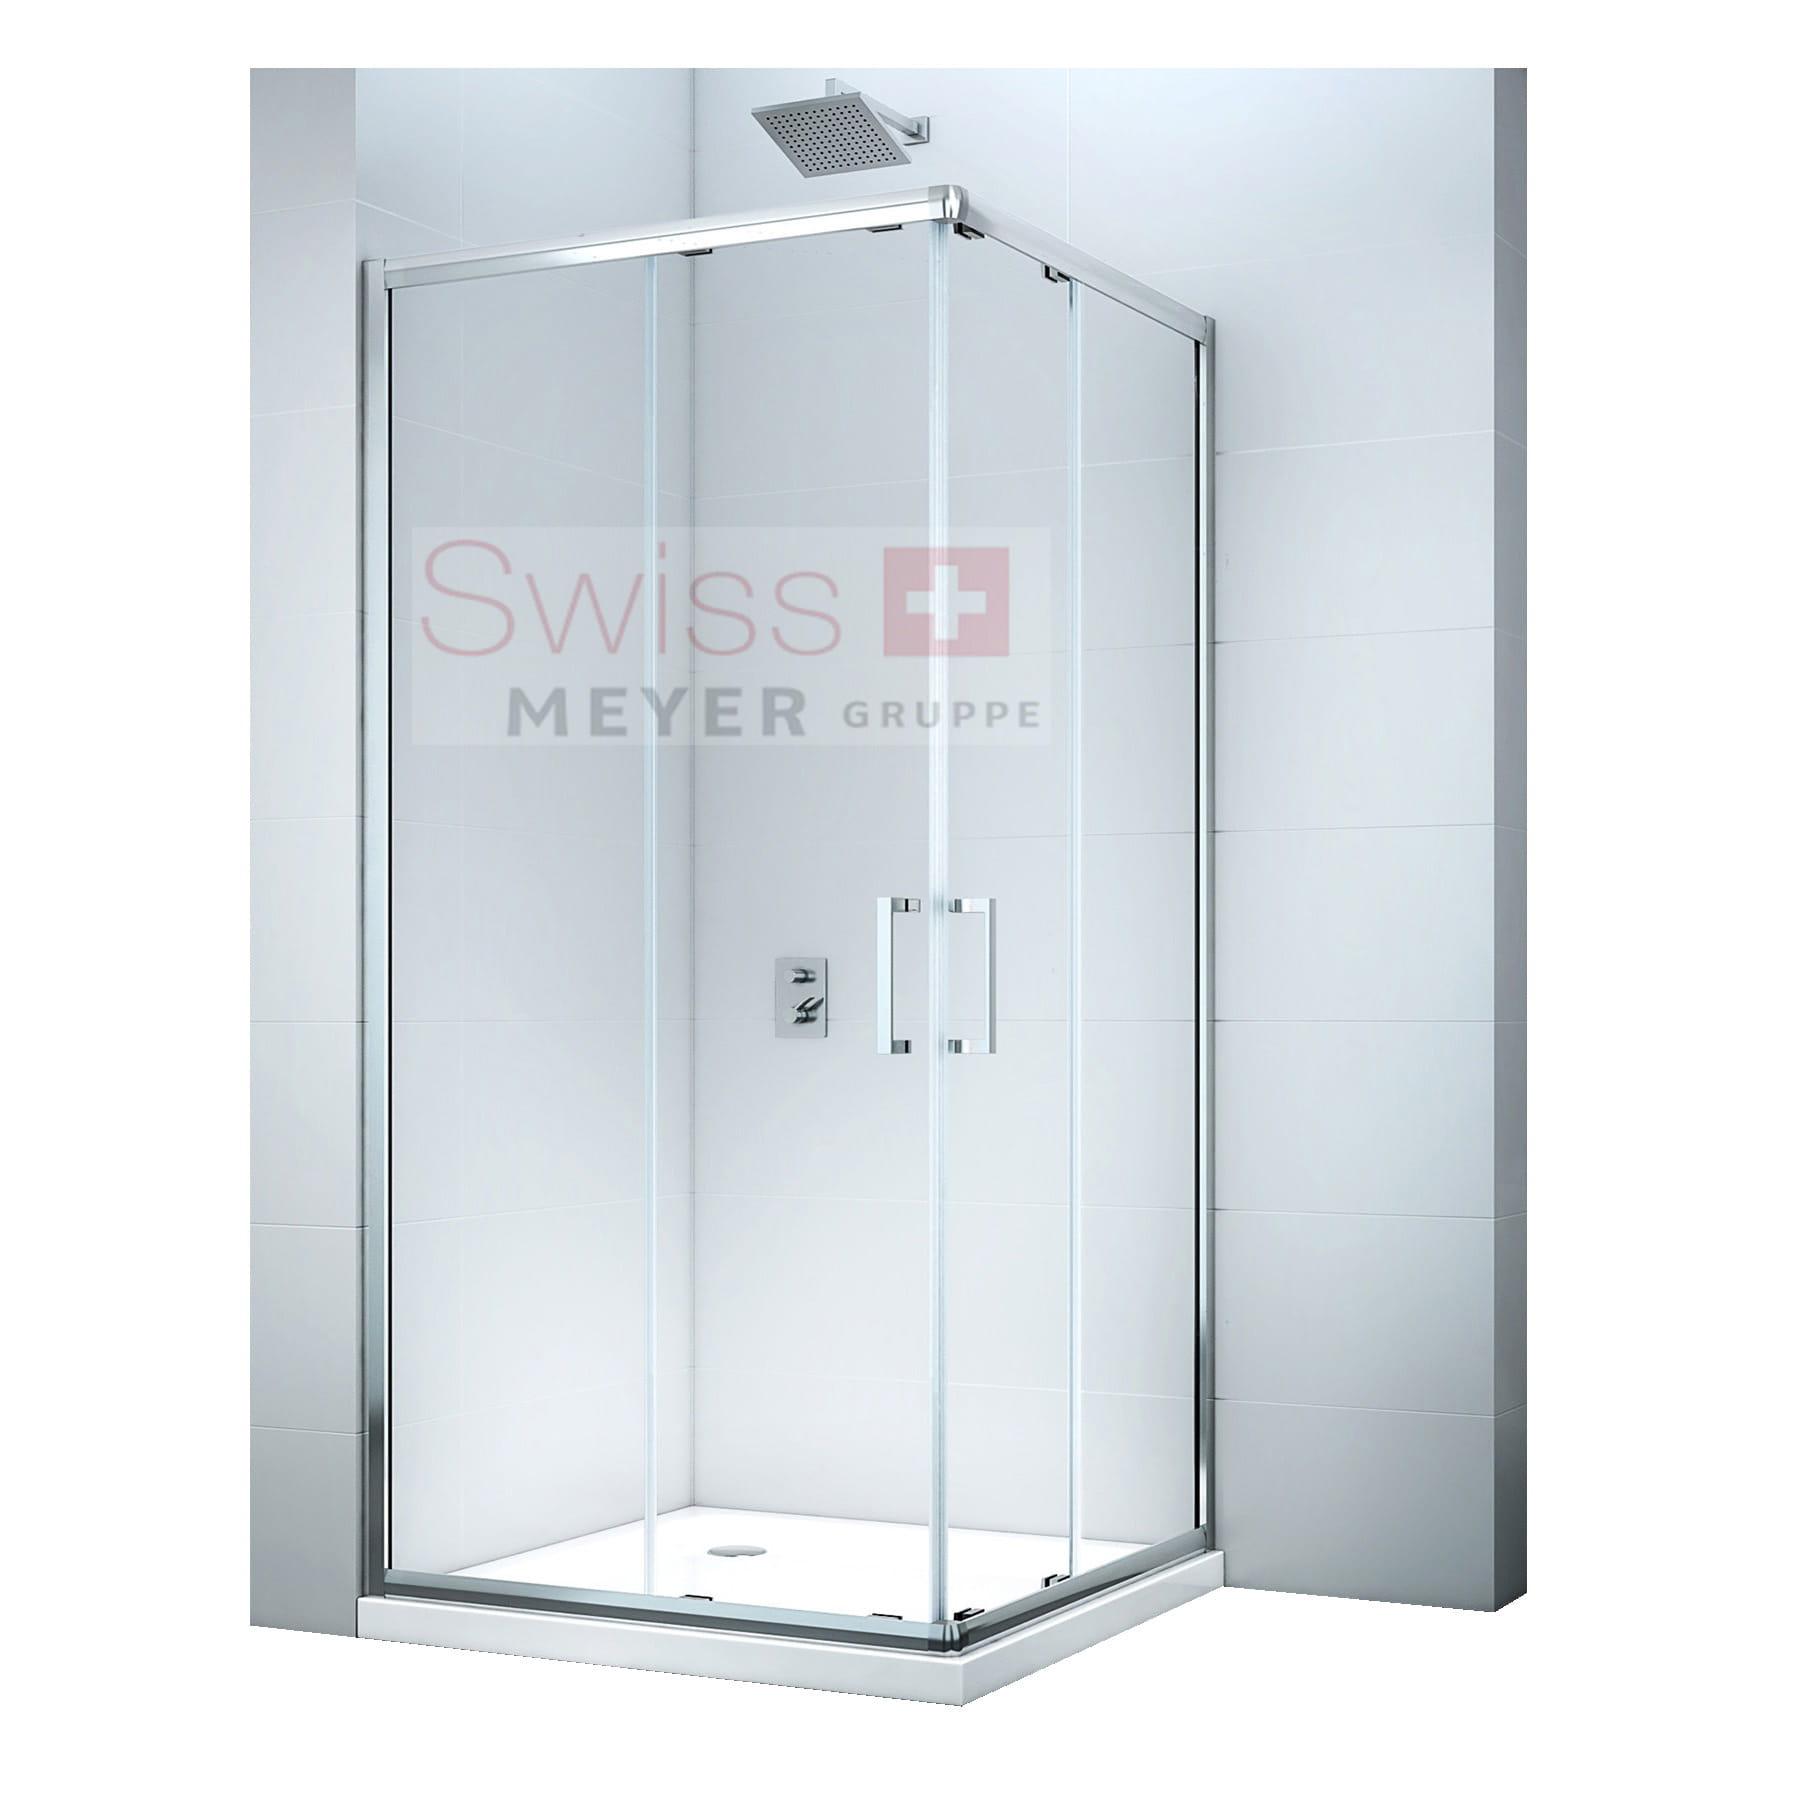 KABINA prysznicowa PRZESUWNA MS5000 - SWISS MEYER